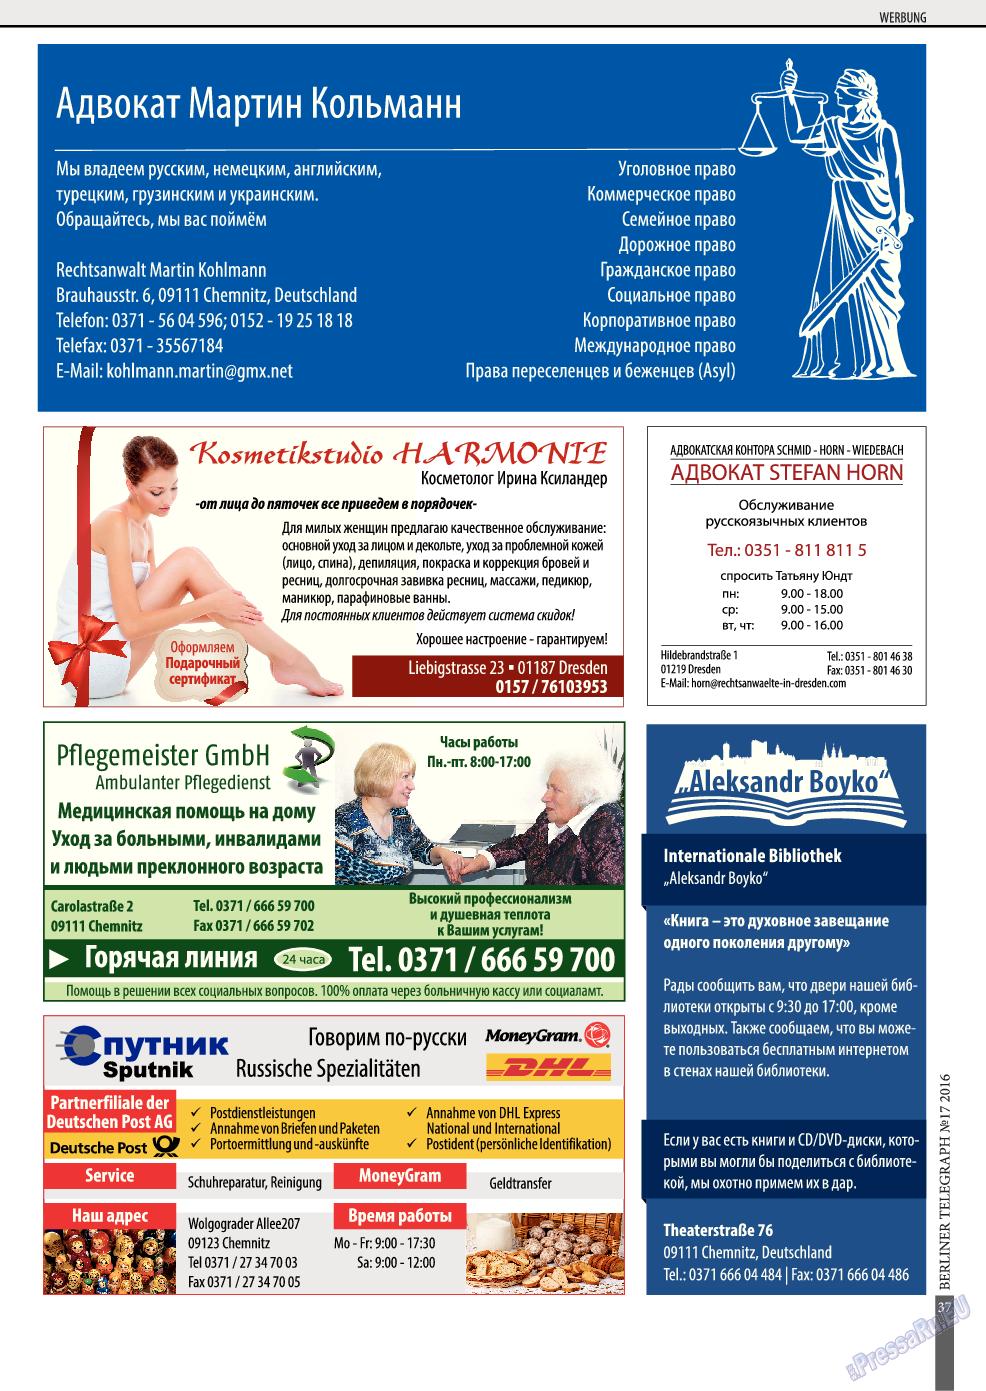 Берлинский телеграф (журнал). 2016 год, номер 17, стр. 37